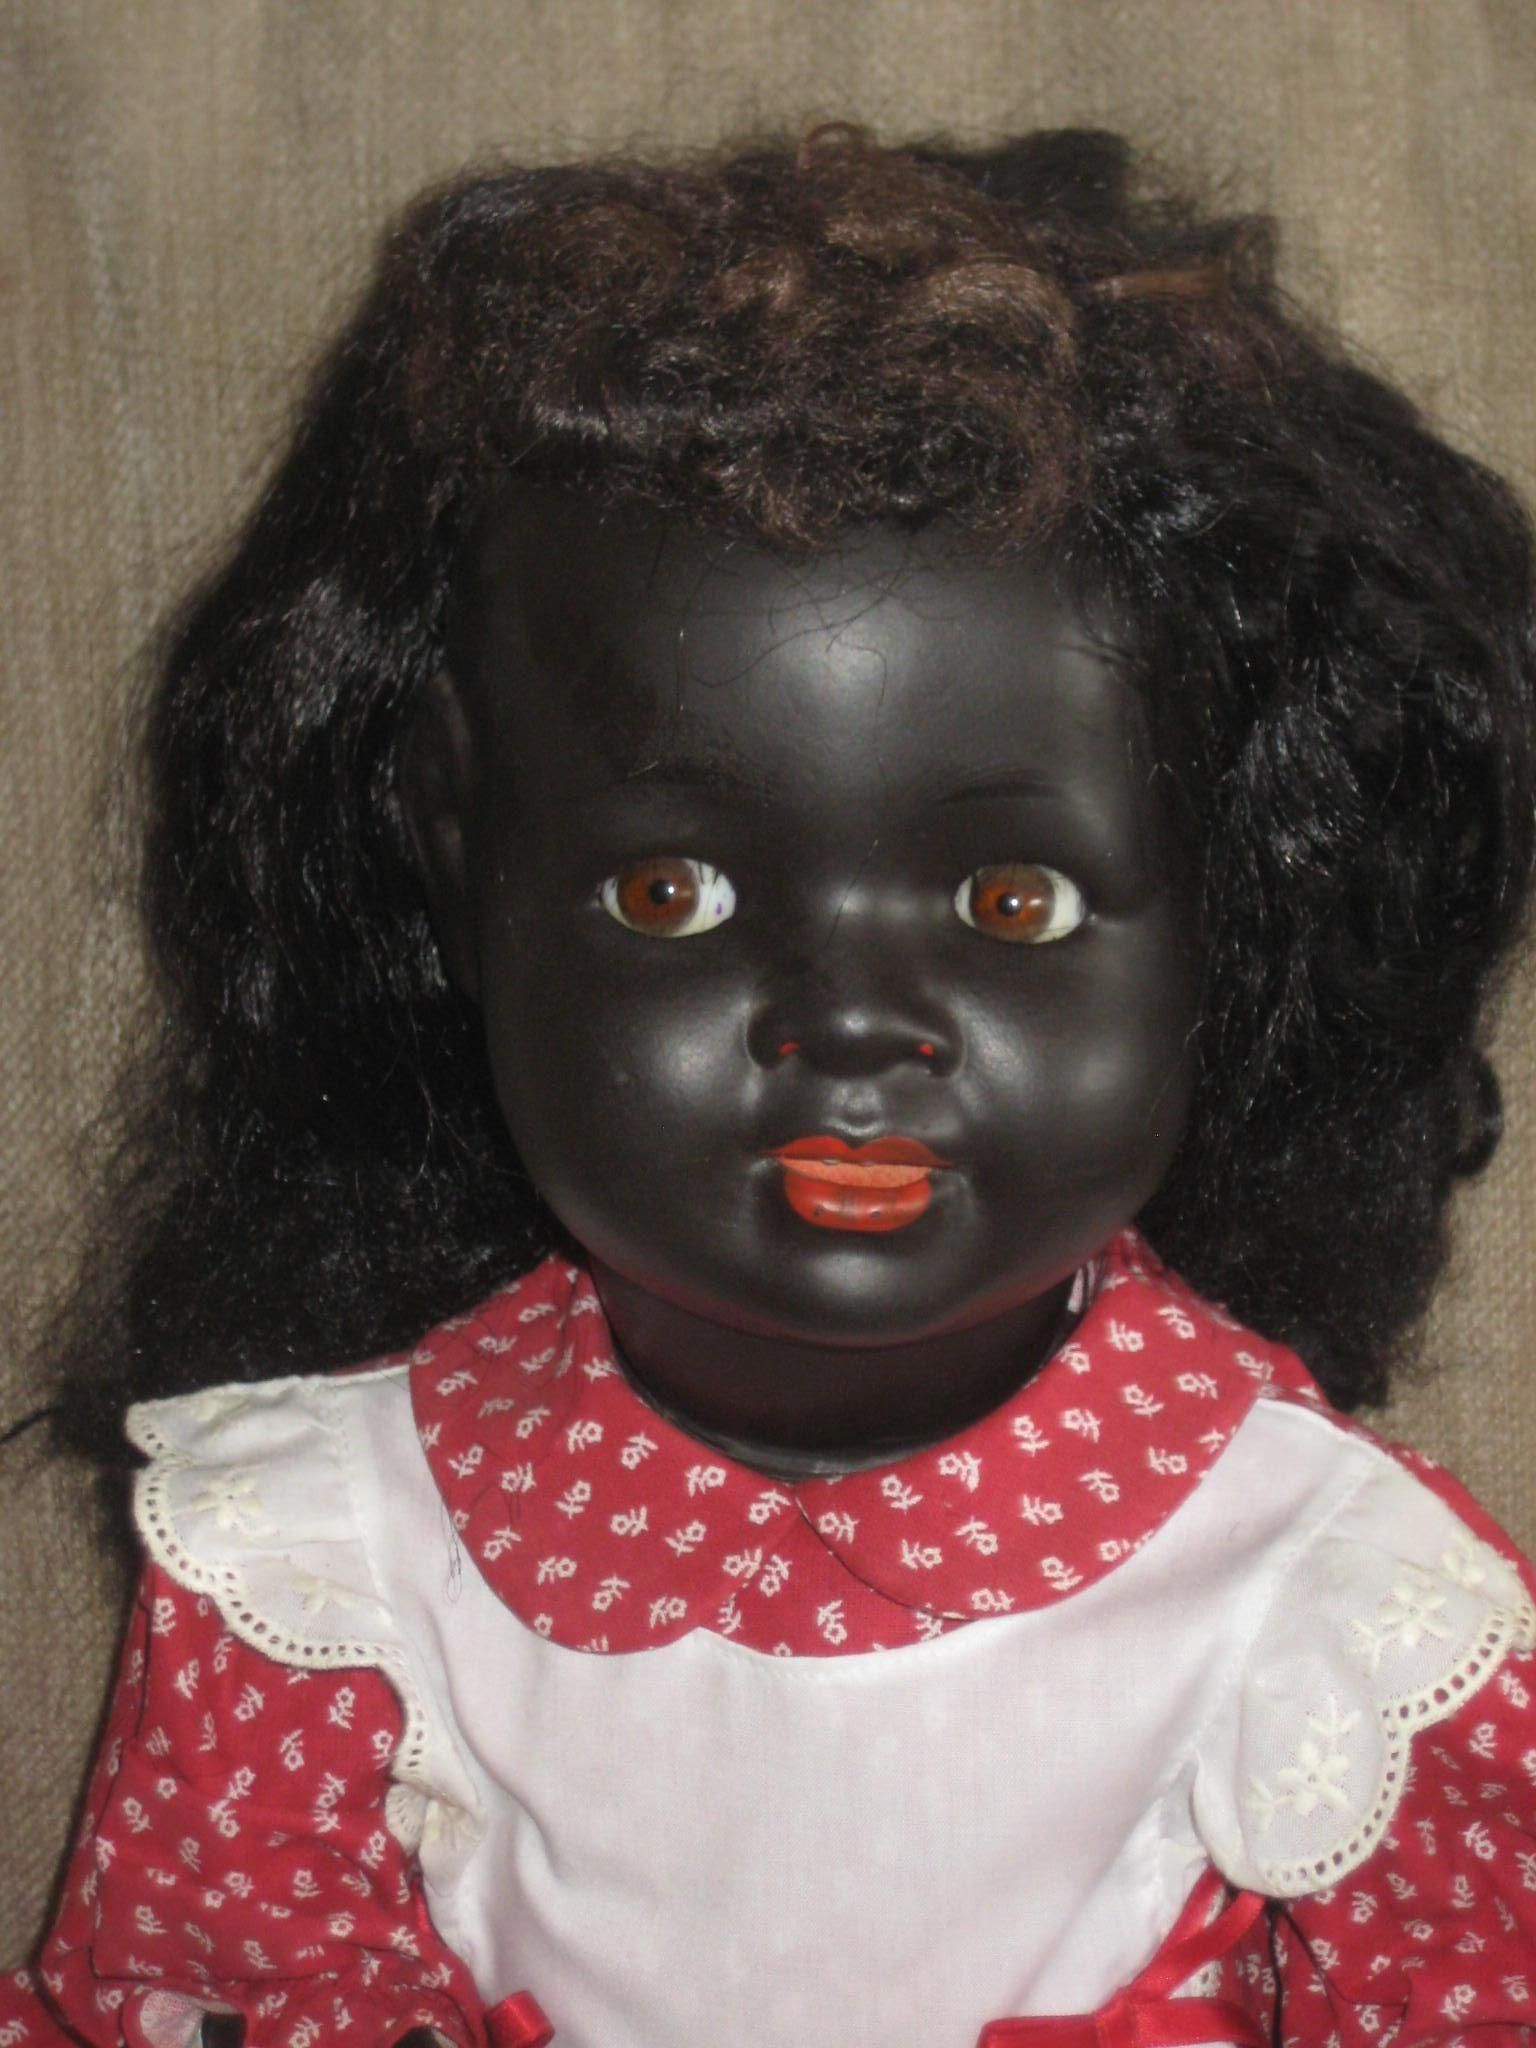 Black Doll 134 With Flirty Eyes 19 Inch By Kws Black Doll Vintage Dolls Antique Dolls